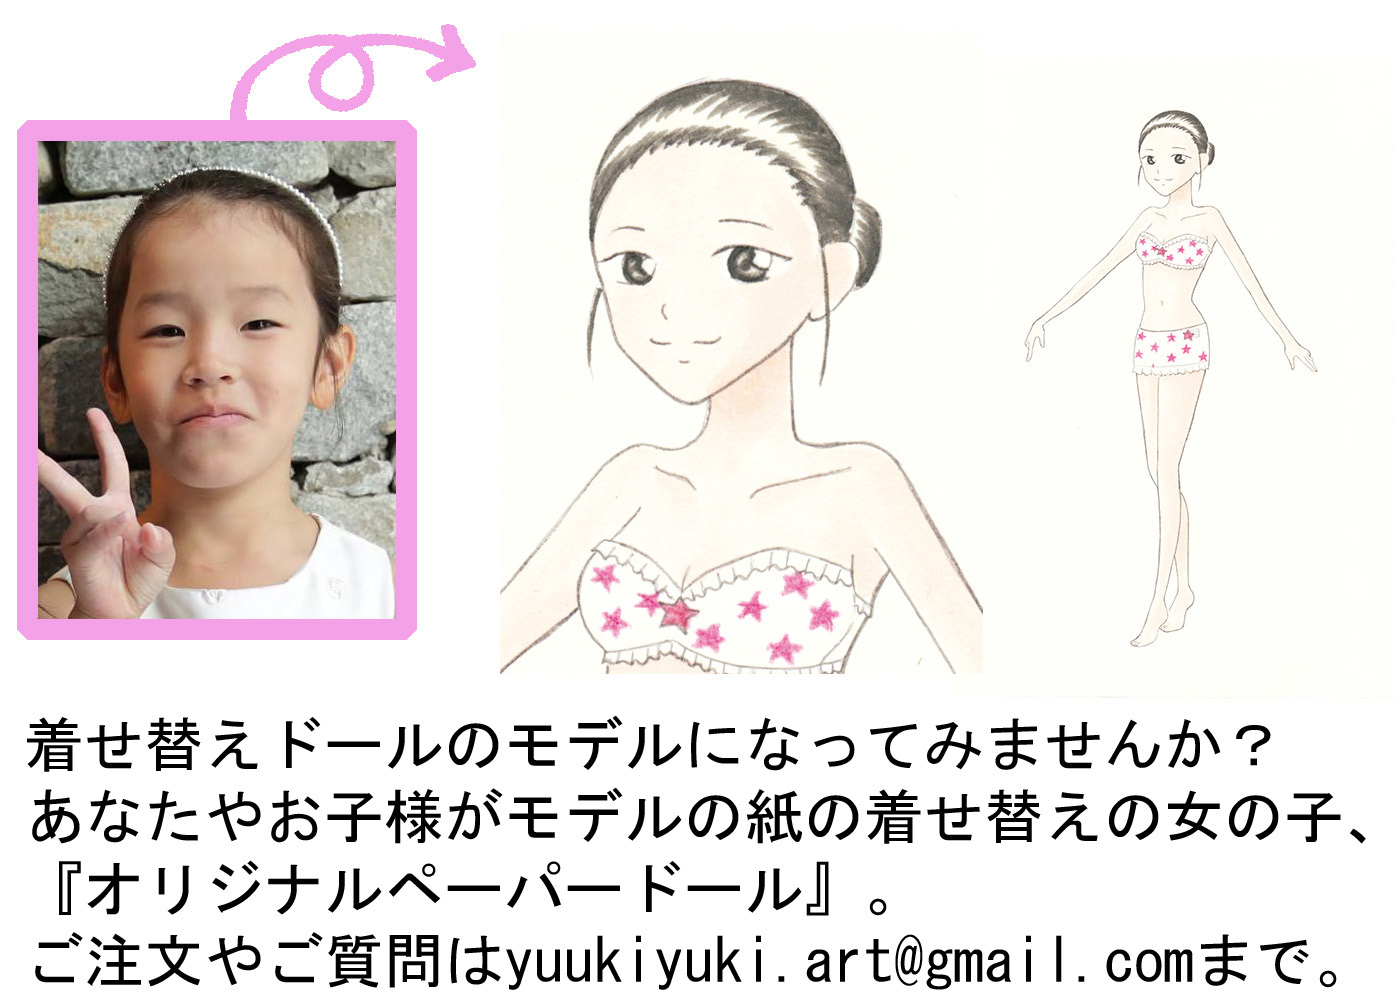 doll_web_moji_mihon04.jpg